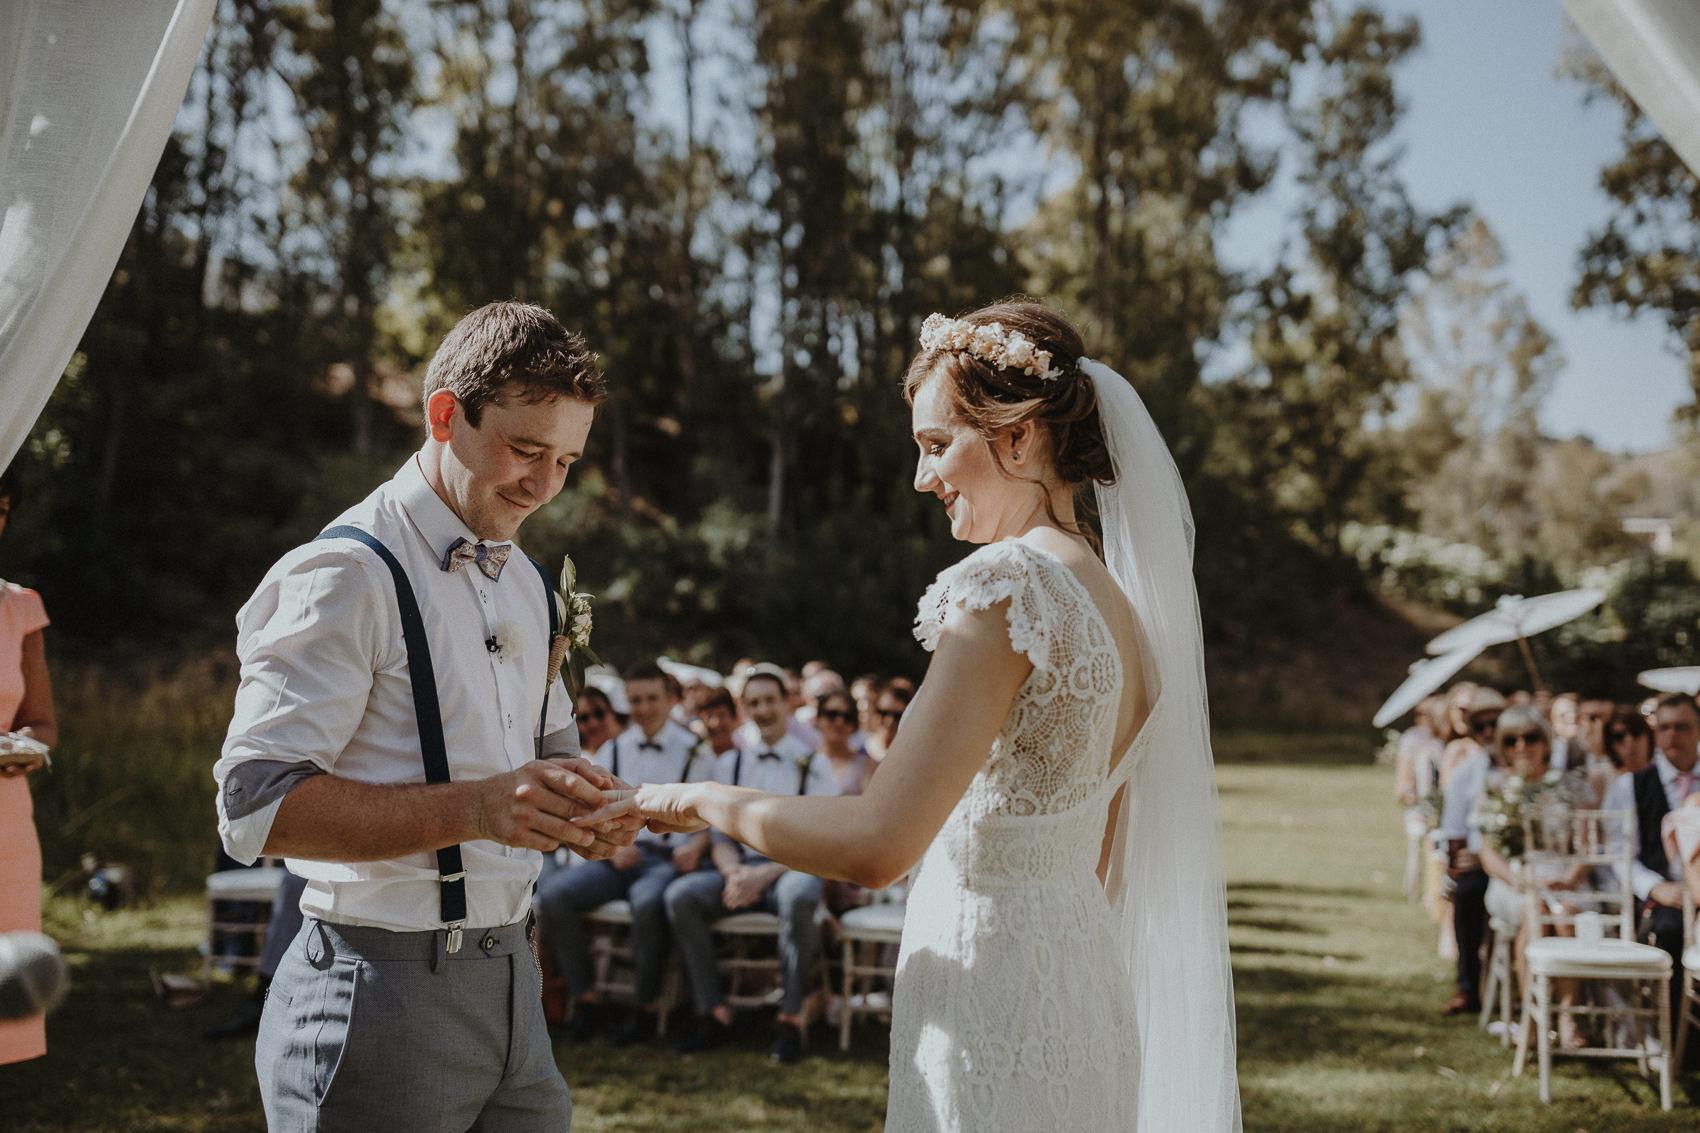 Sarah & Bill | Summer wedding at Cortijo Rosa Blanca | Marbella - Spain 82